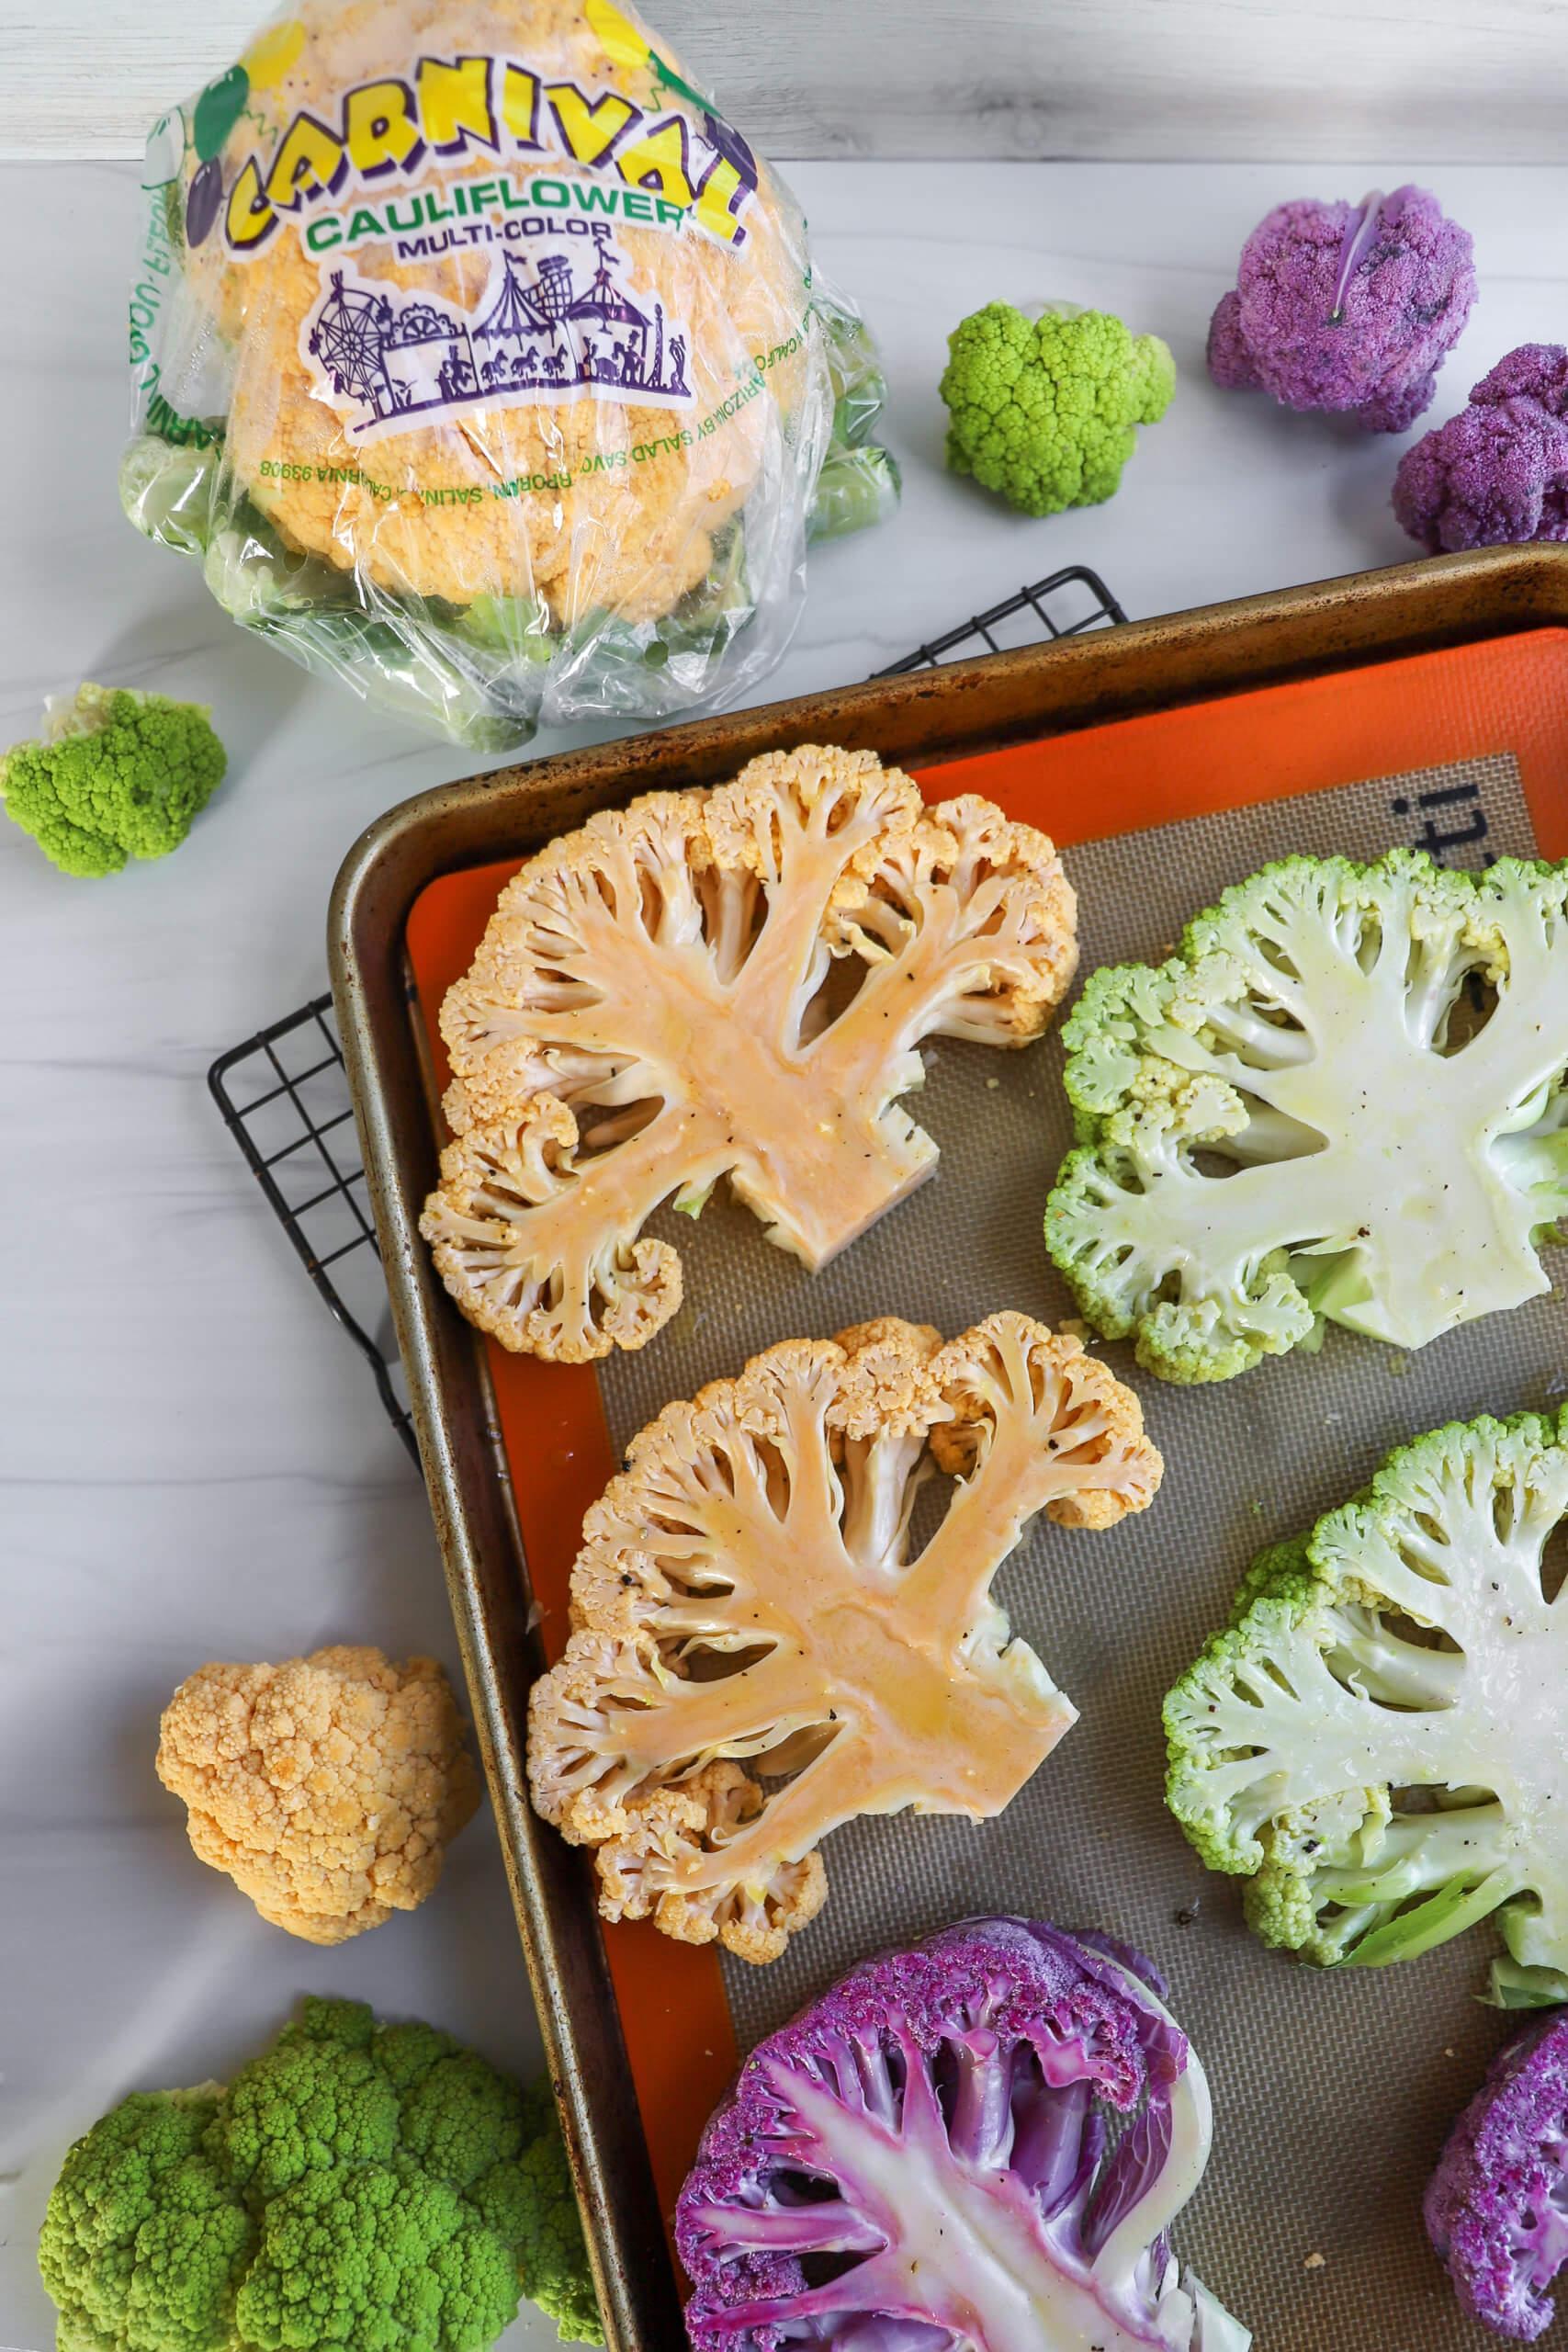 Roasted Multi-Color Cauliflower Steaks